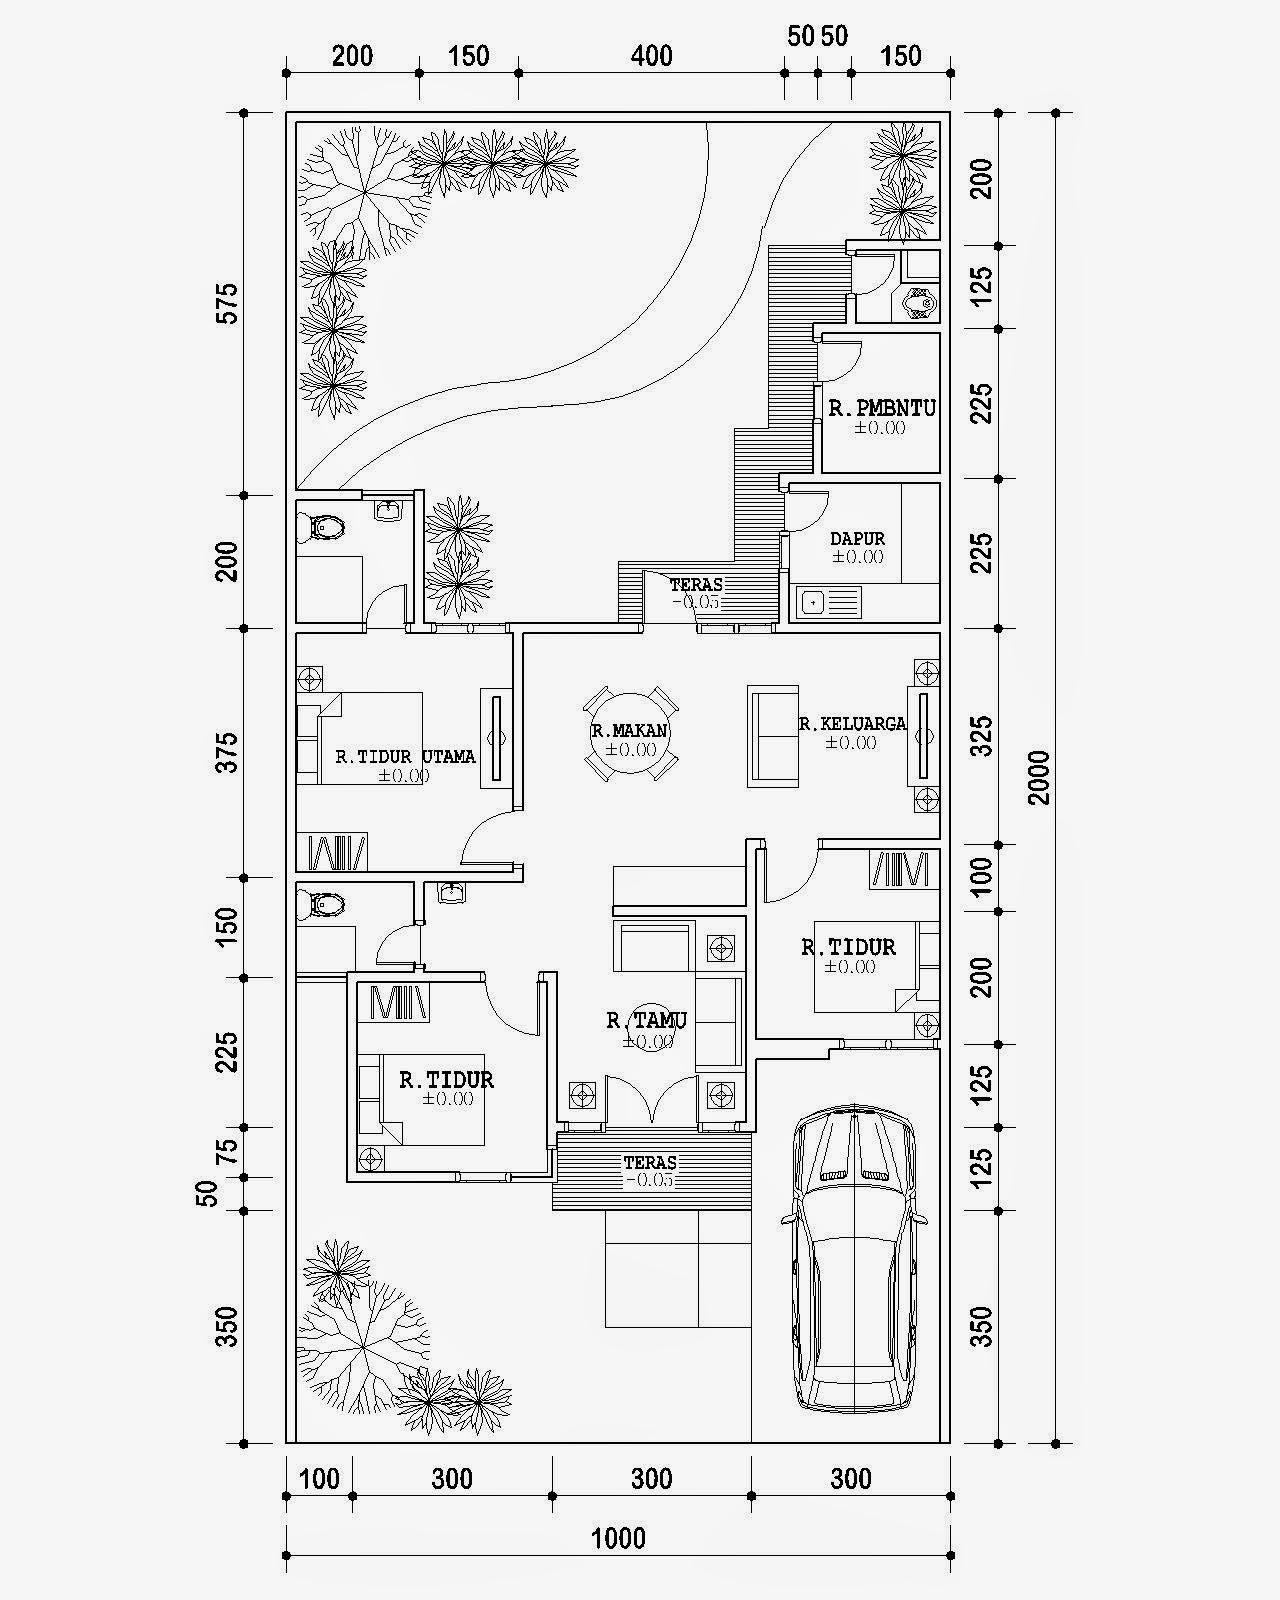 Desain Rumah Minimalis 2 Lantai 10X12 Foto Desain Rumah Terbaru 2016